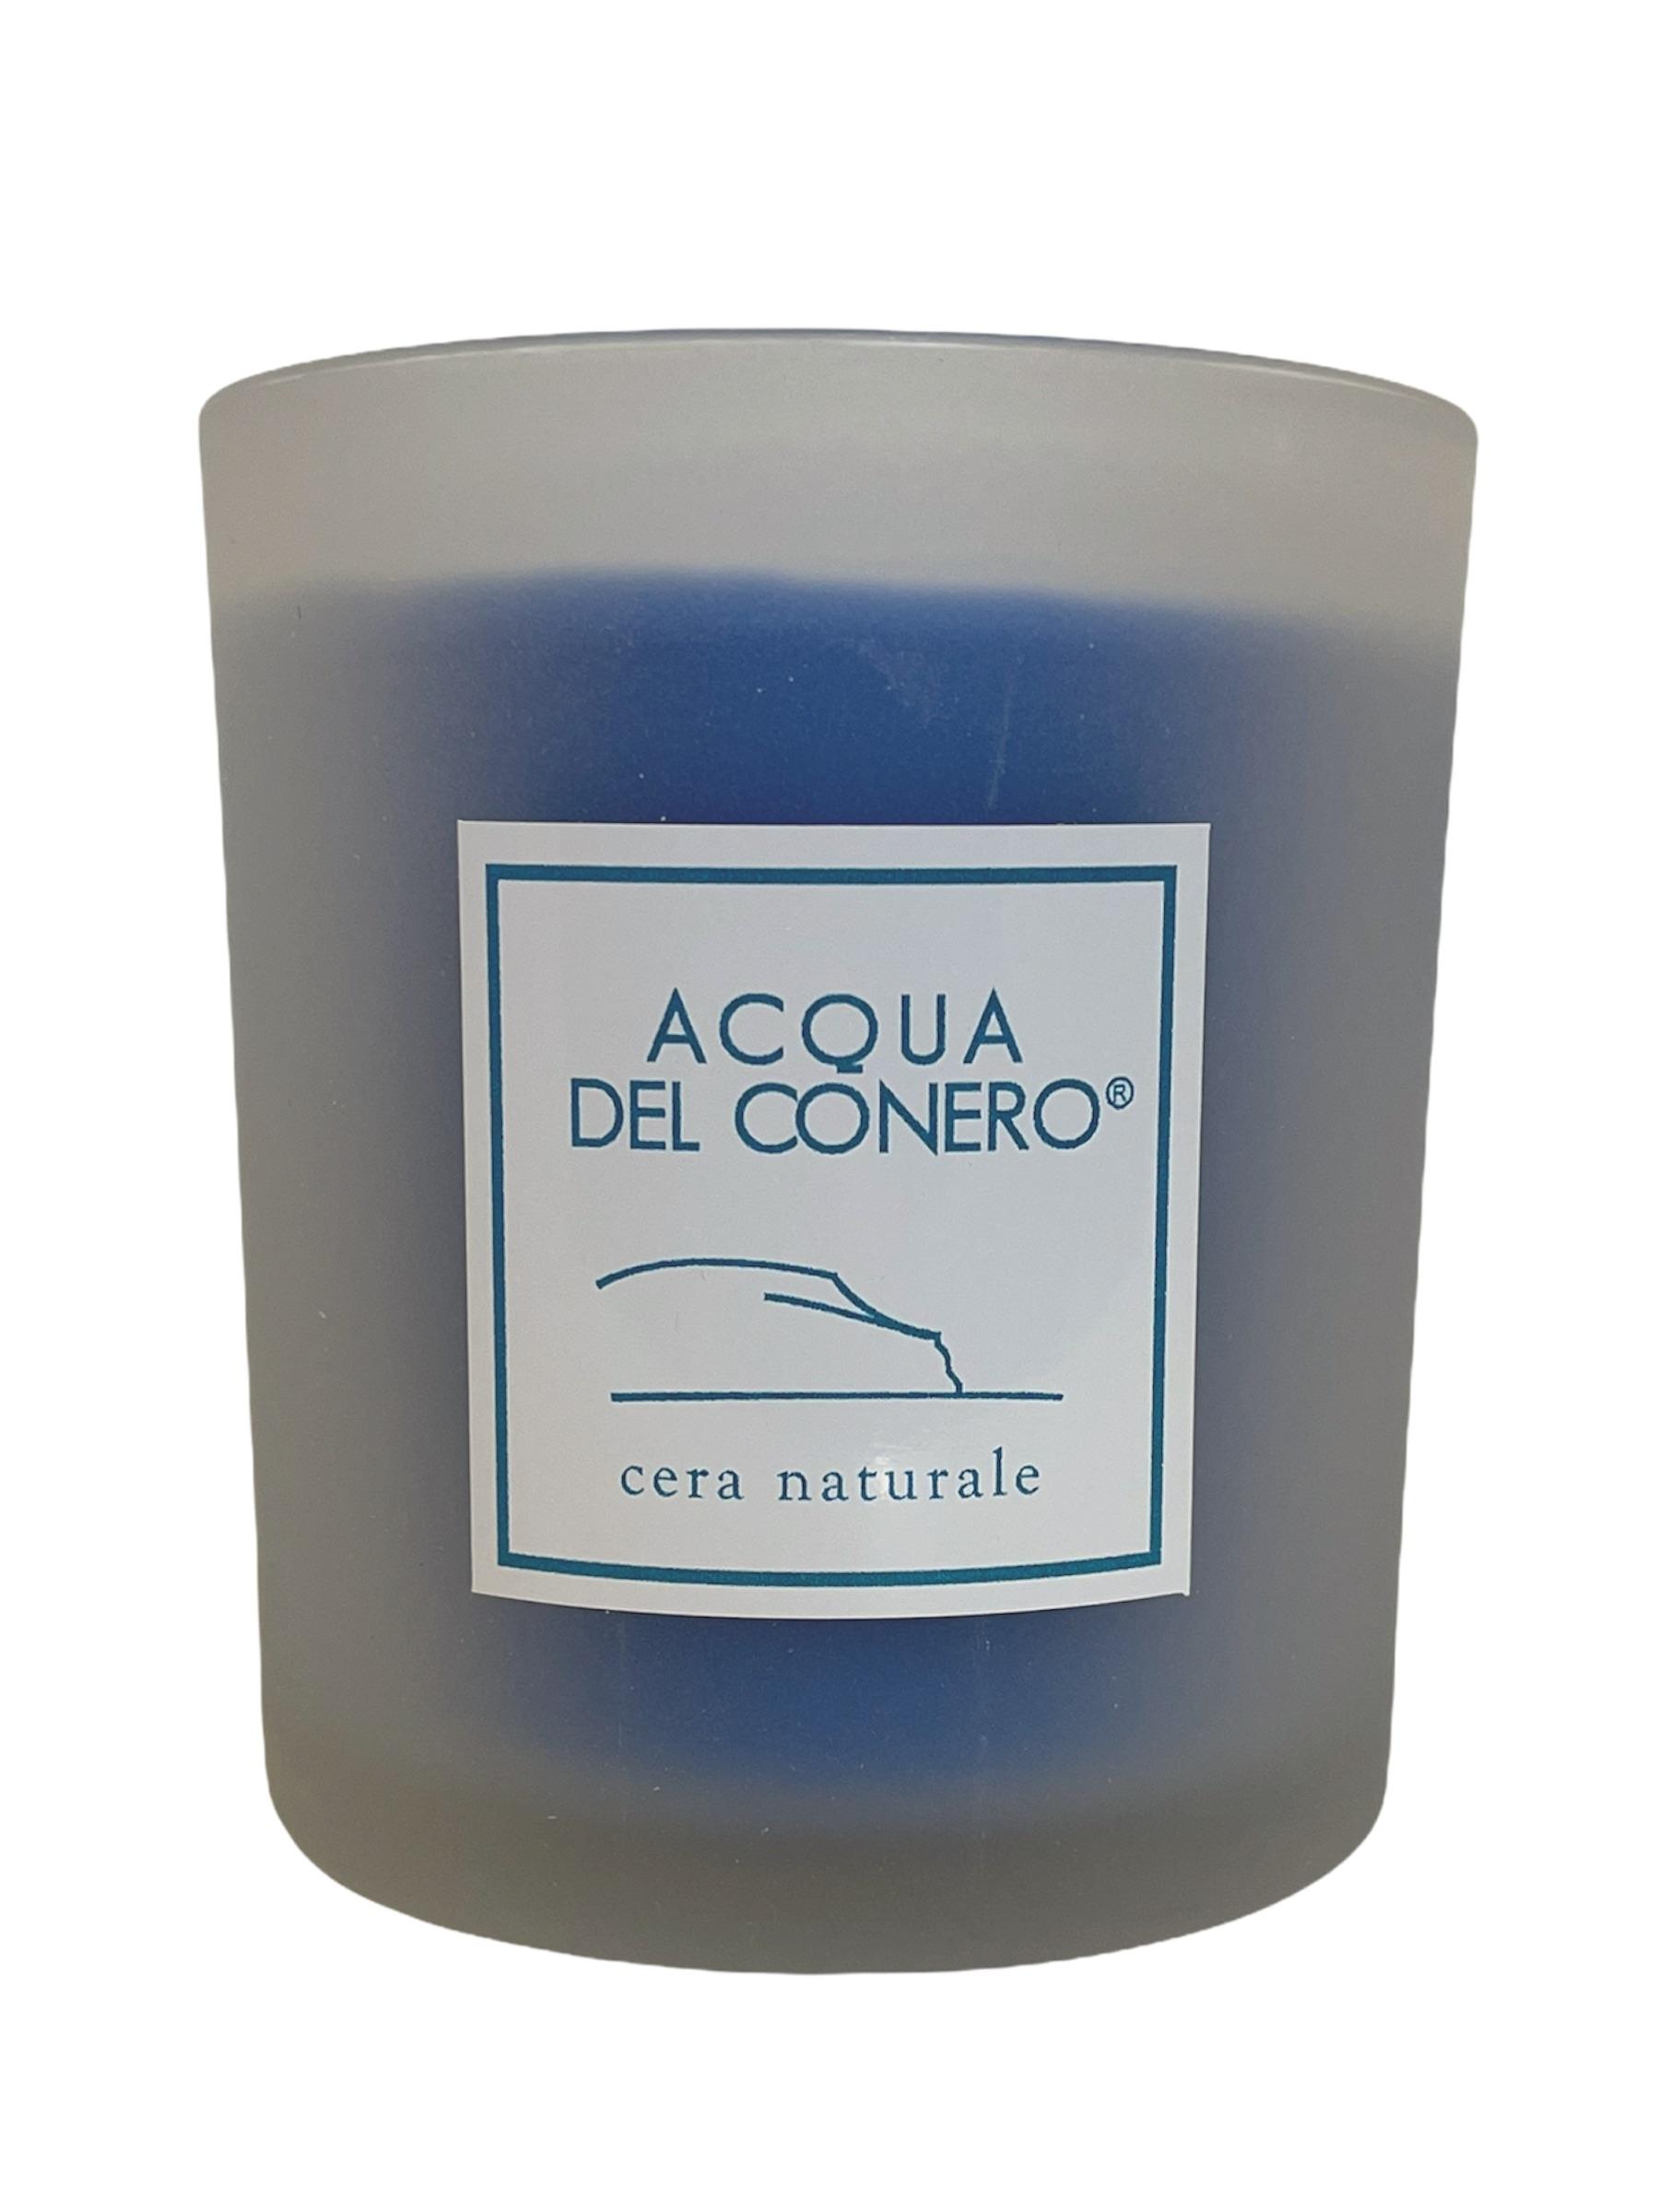 Candela artigianale Acqua del Conero.